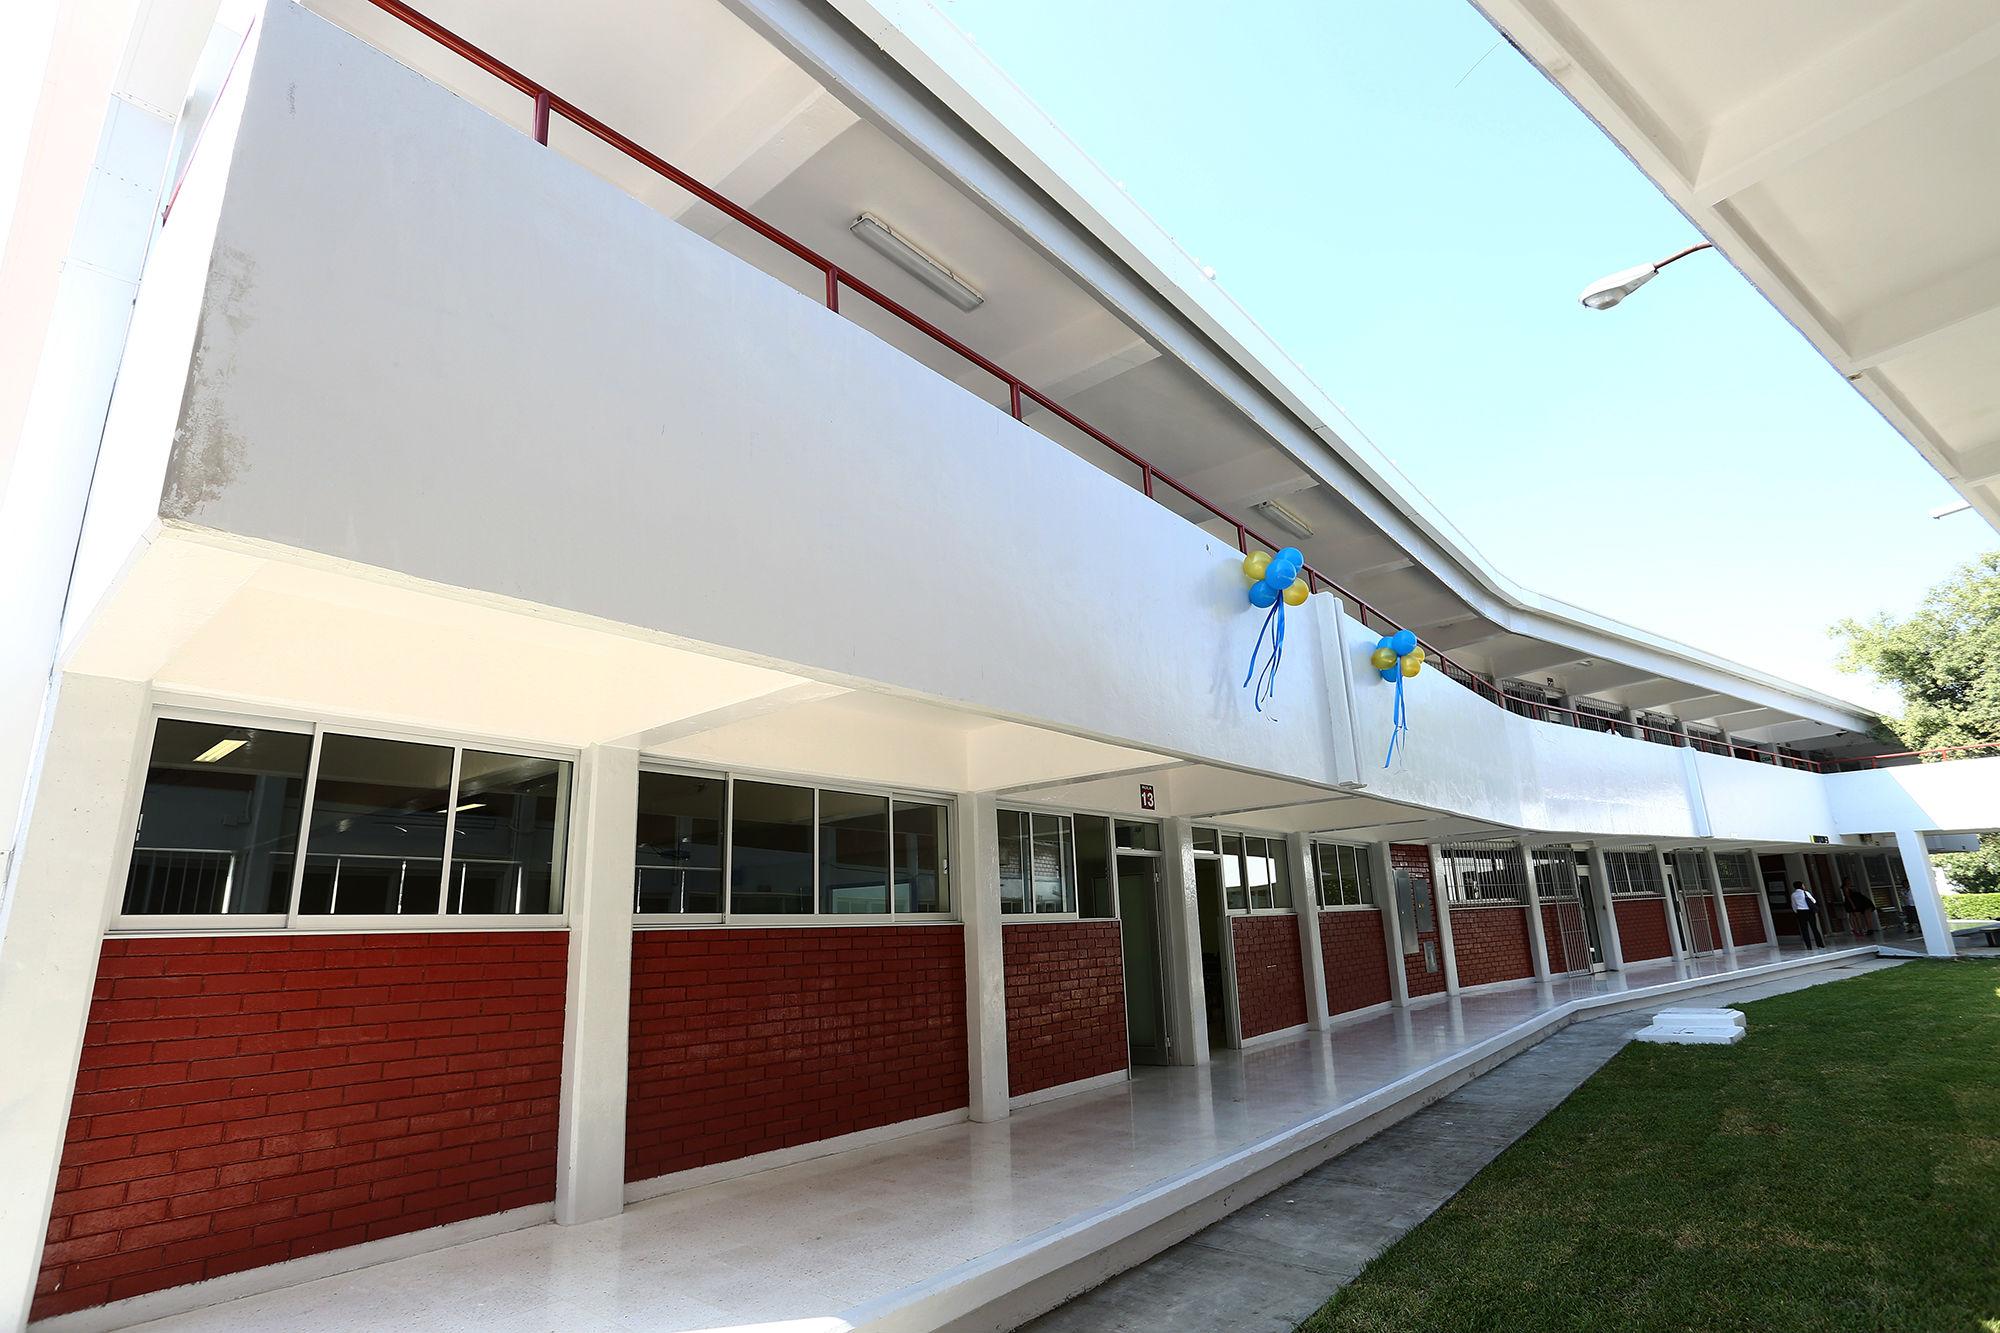 Edificio en donde se ubican las cuatro nuevas aulas de la institución